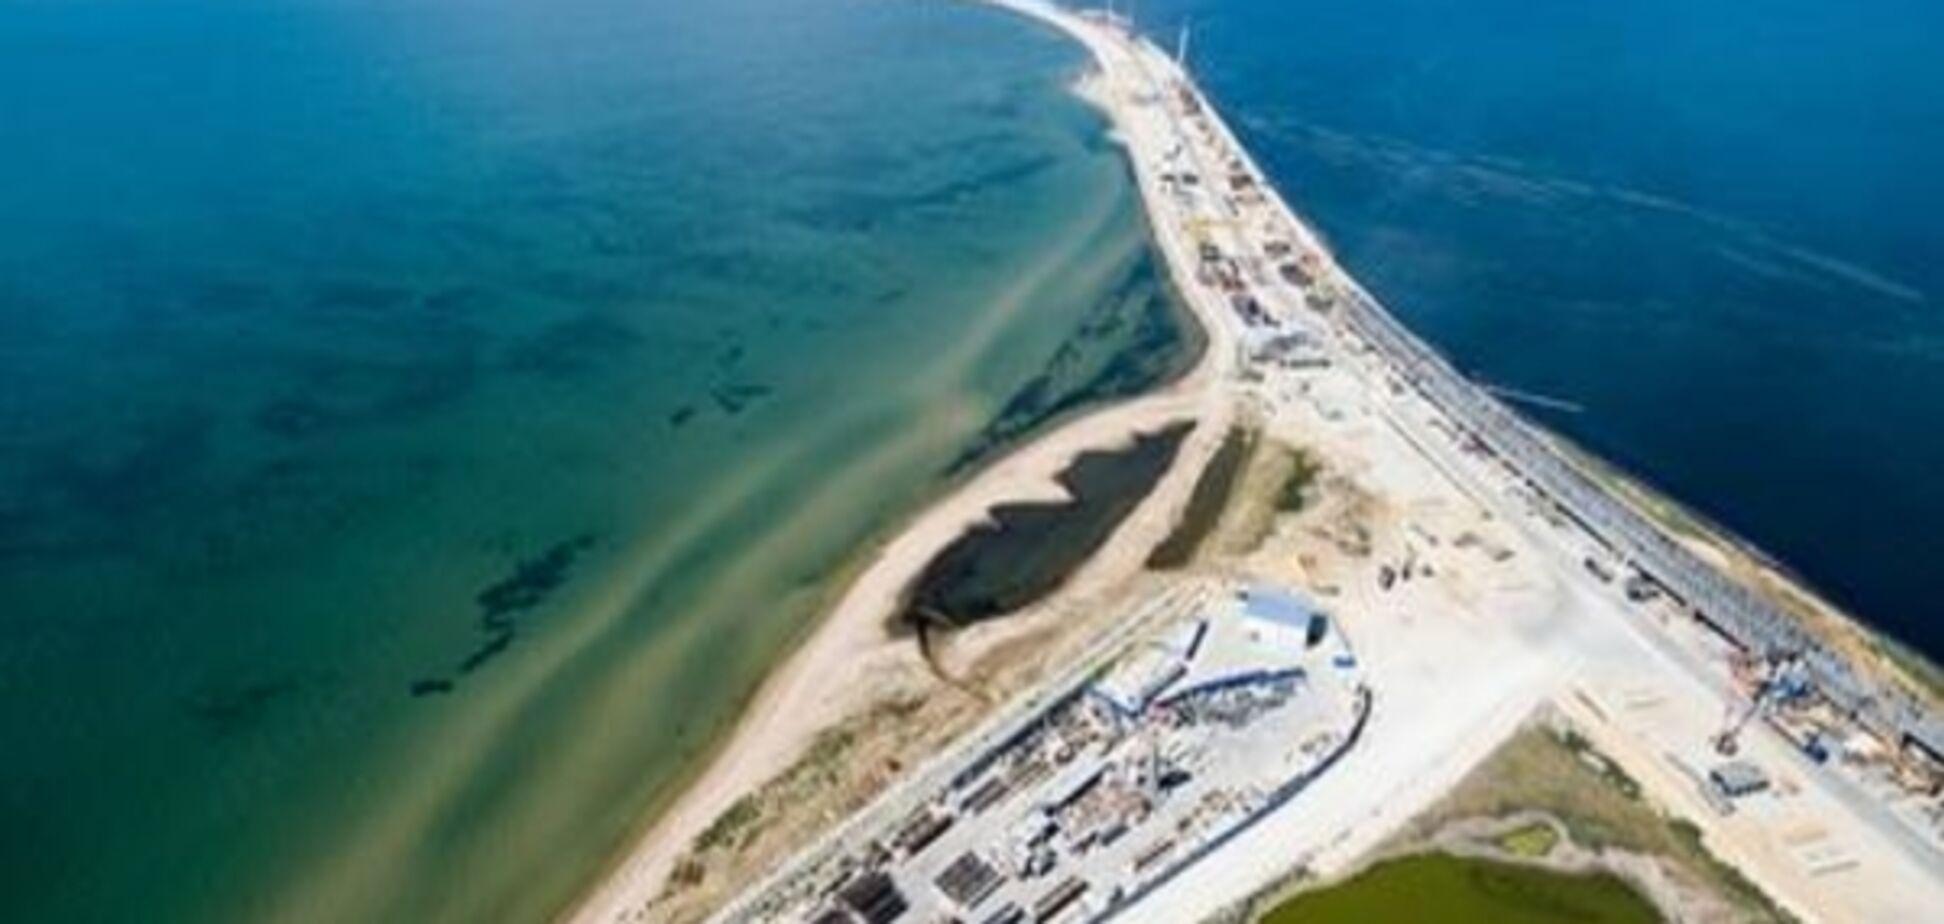 Нова загроза Україні через Керченський міст: у Кабміні почали бити на сполох